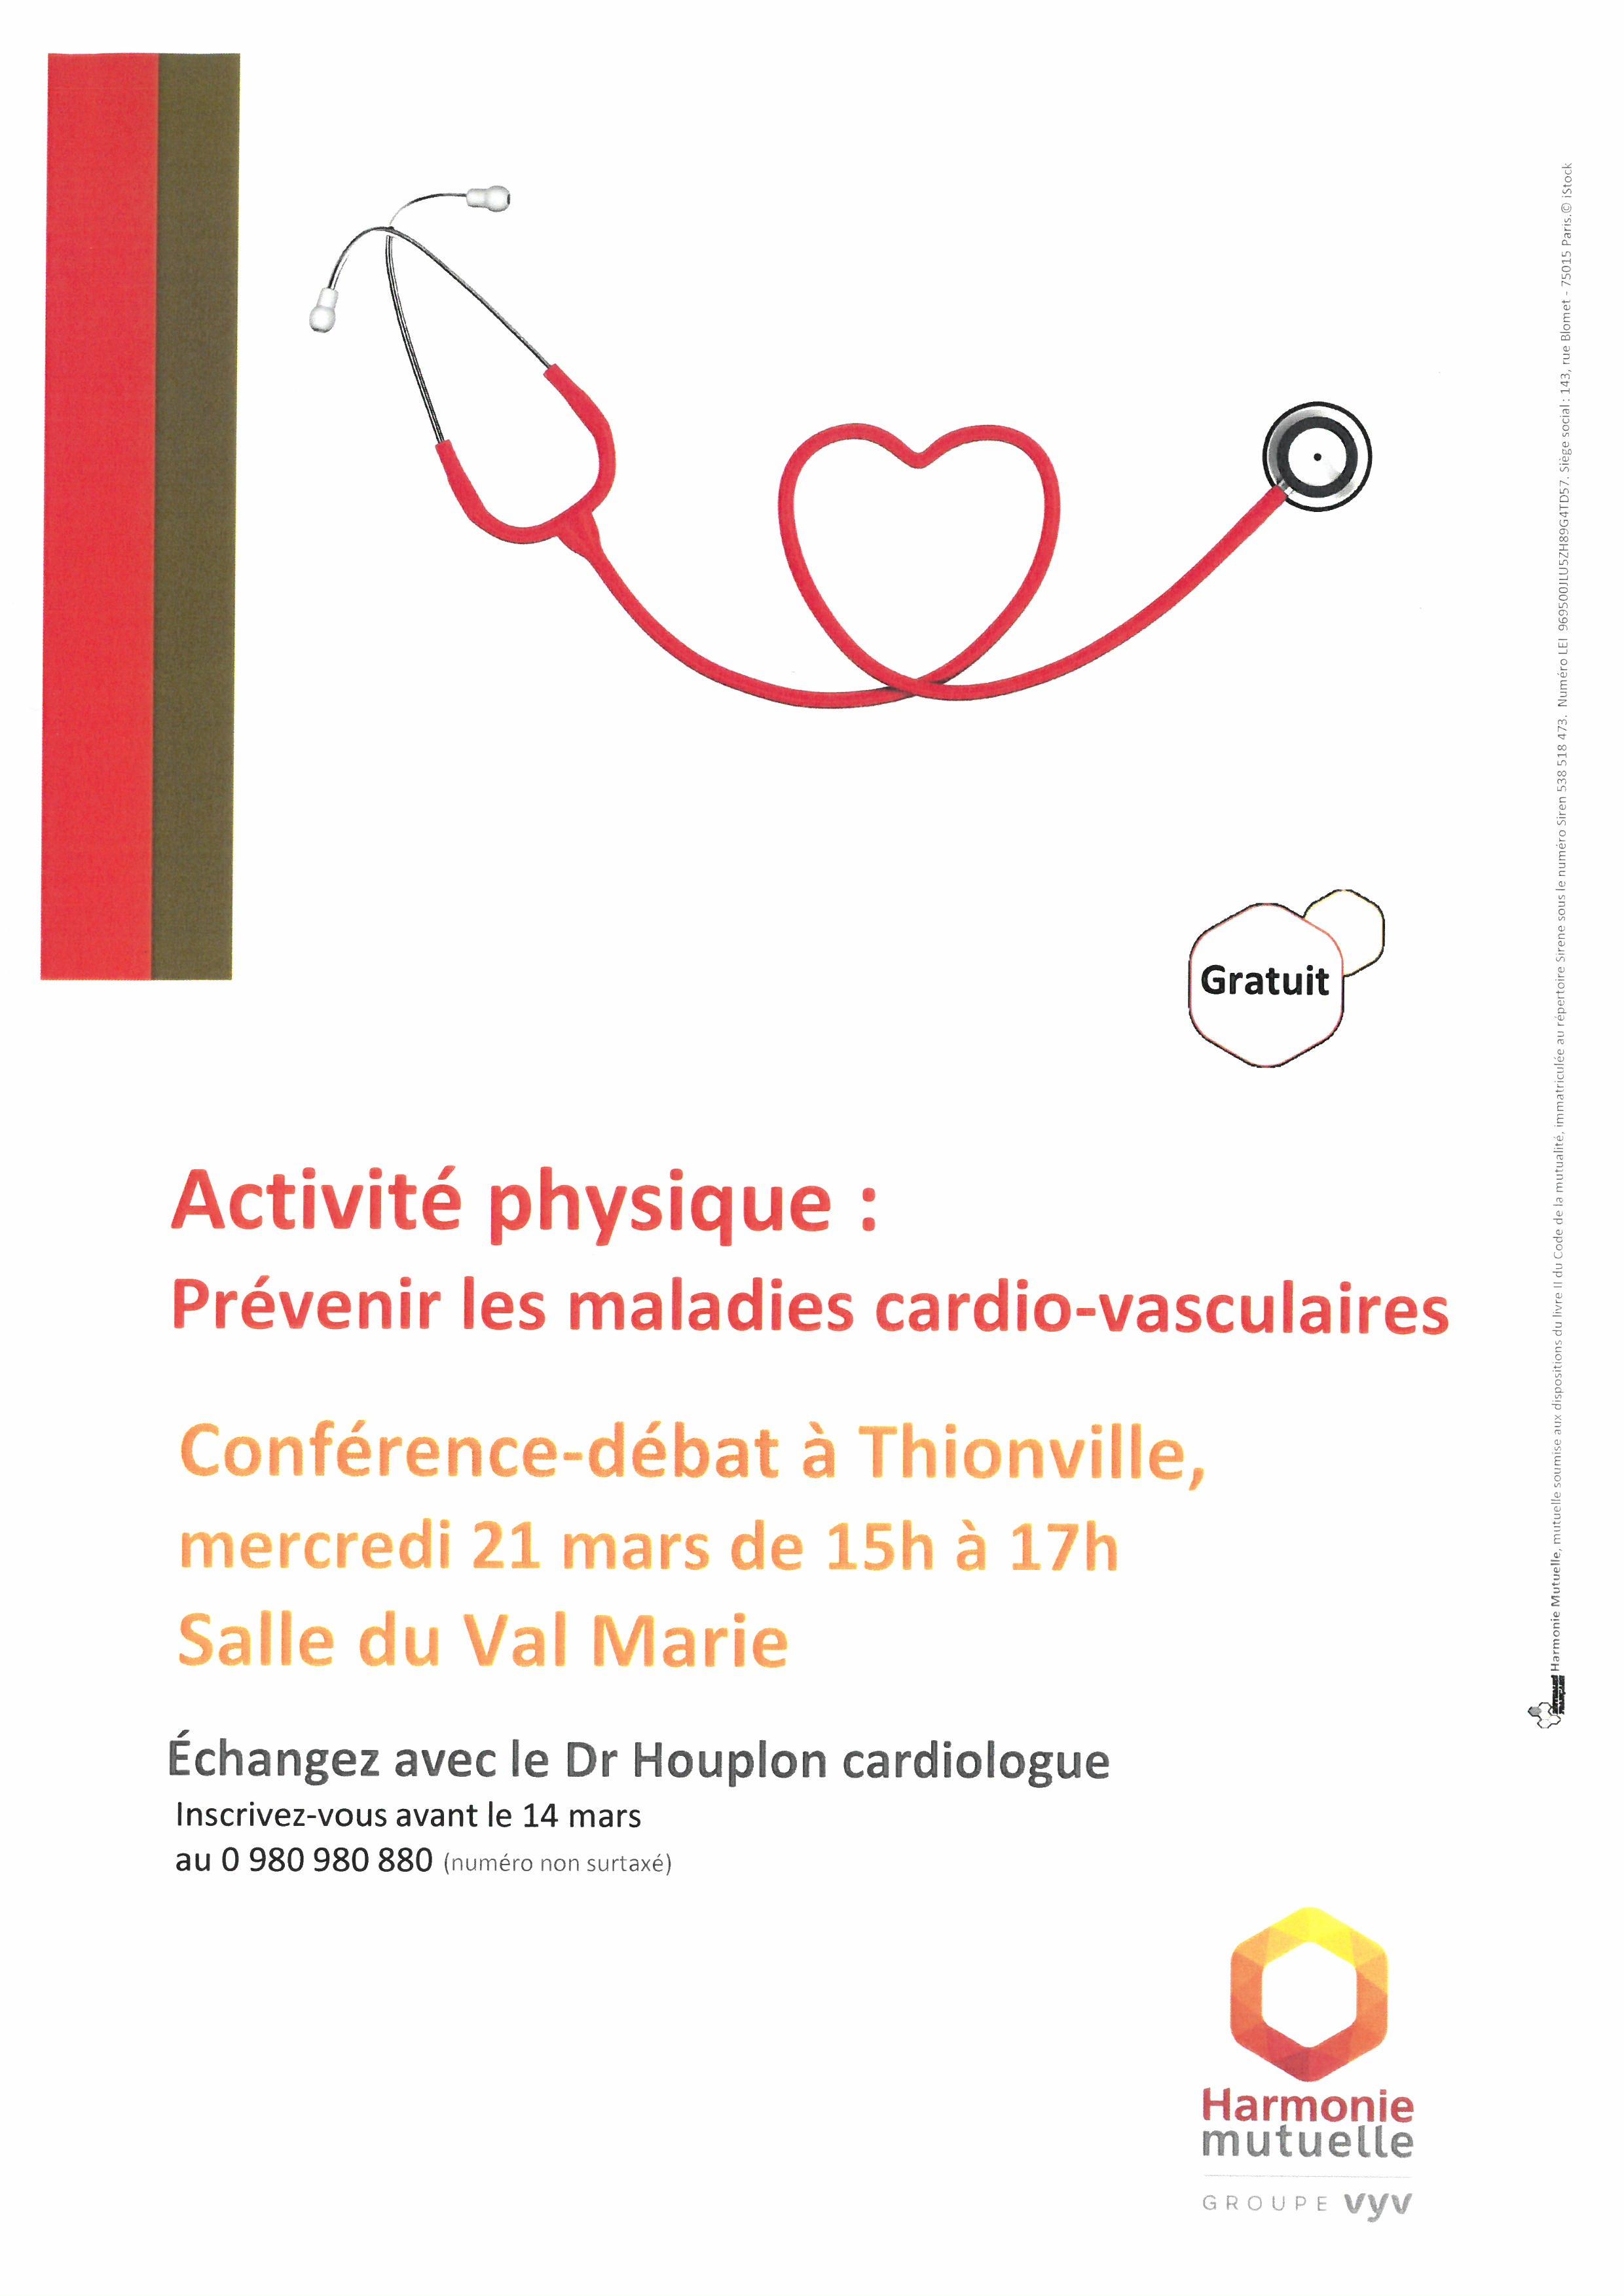 ACTIVITÉS PHYSIQUES PRÉVENIR DES MALADIES CARDIO-VASCULAIRES